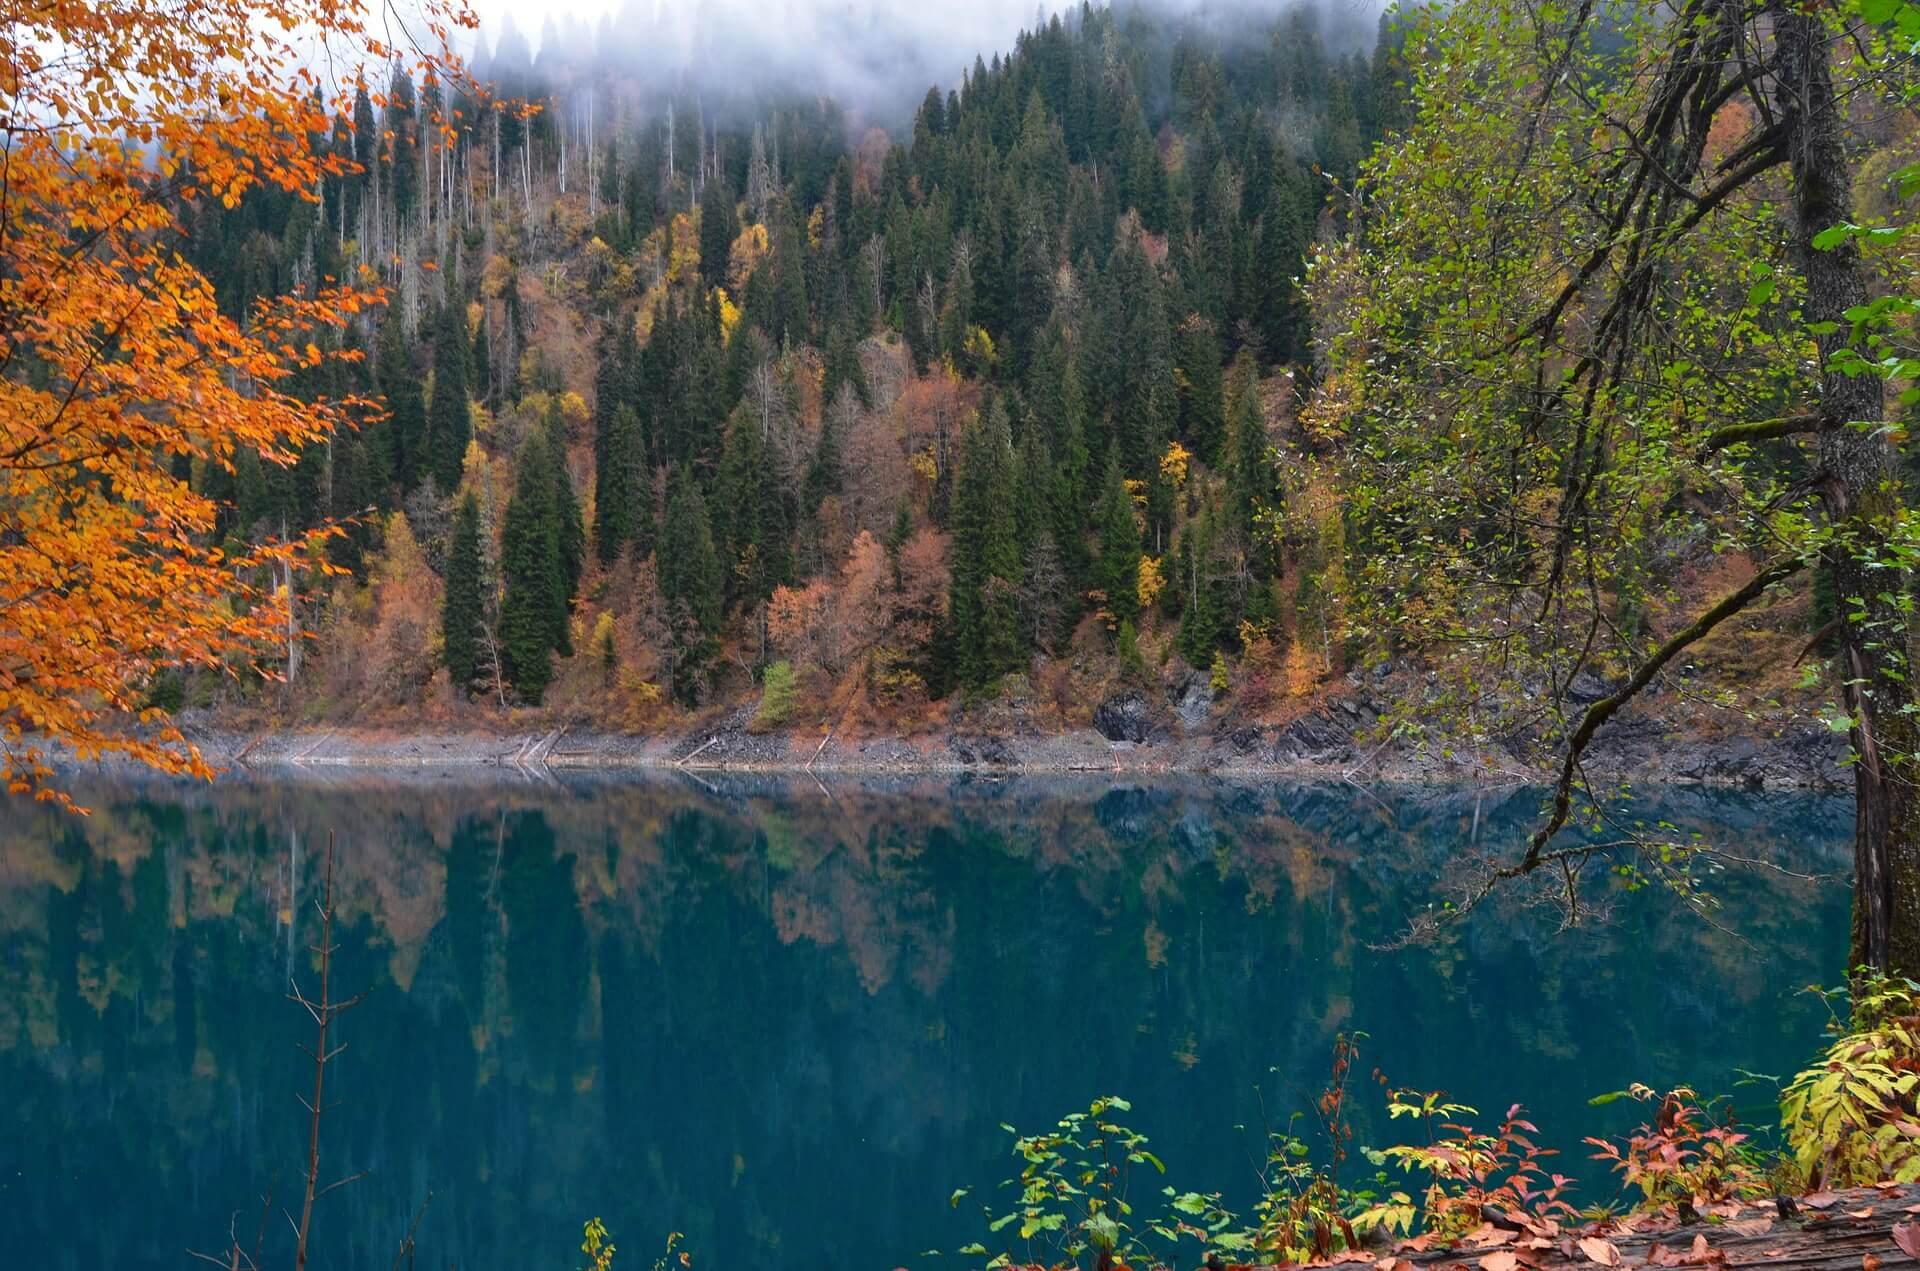 Где лучше отдохнуть в Абхазии? Читать отзывы